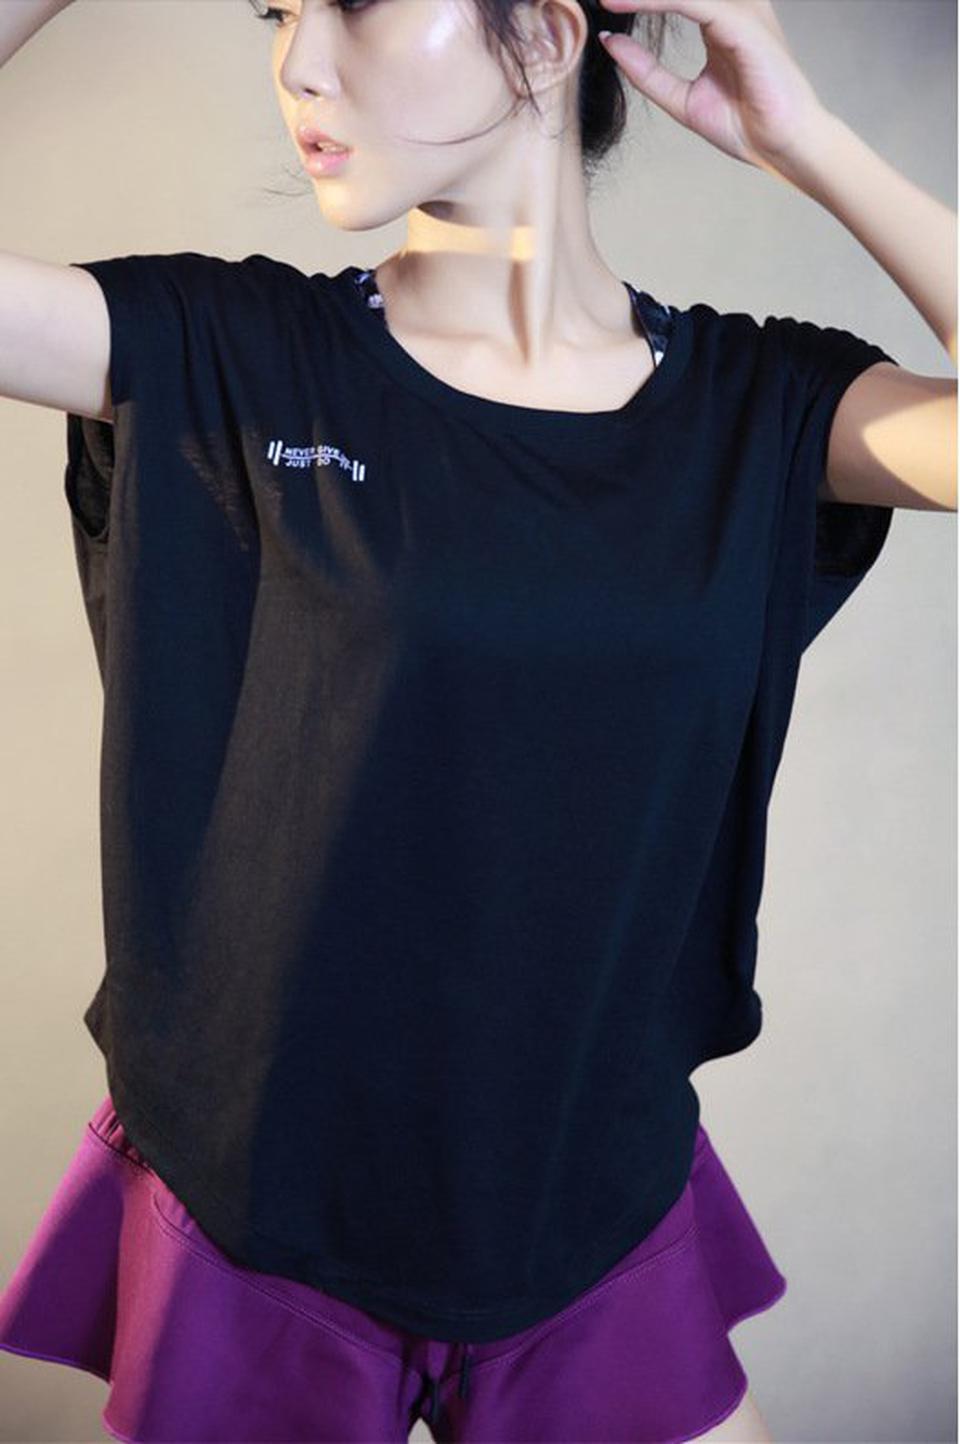 ชุดออกกำลังกายผู้หญิง เสื้อกีฬาผู้หญิง ใส่สบาย ระบายความร้อนได้ดี (สีดำ) รูปที่ 2